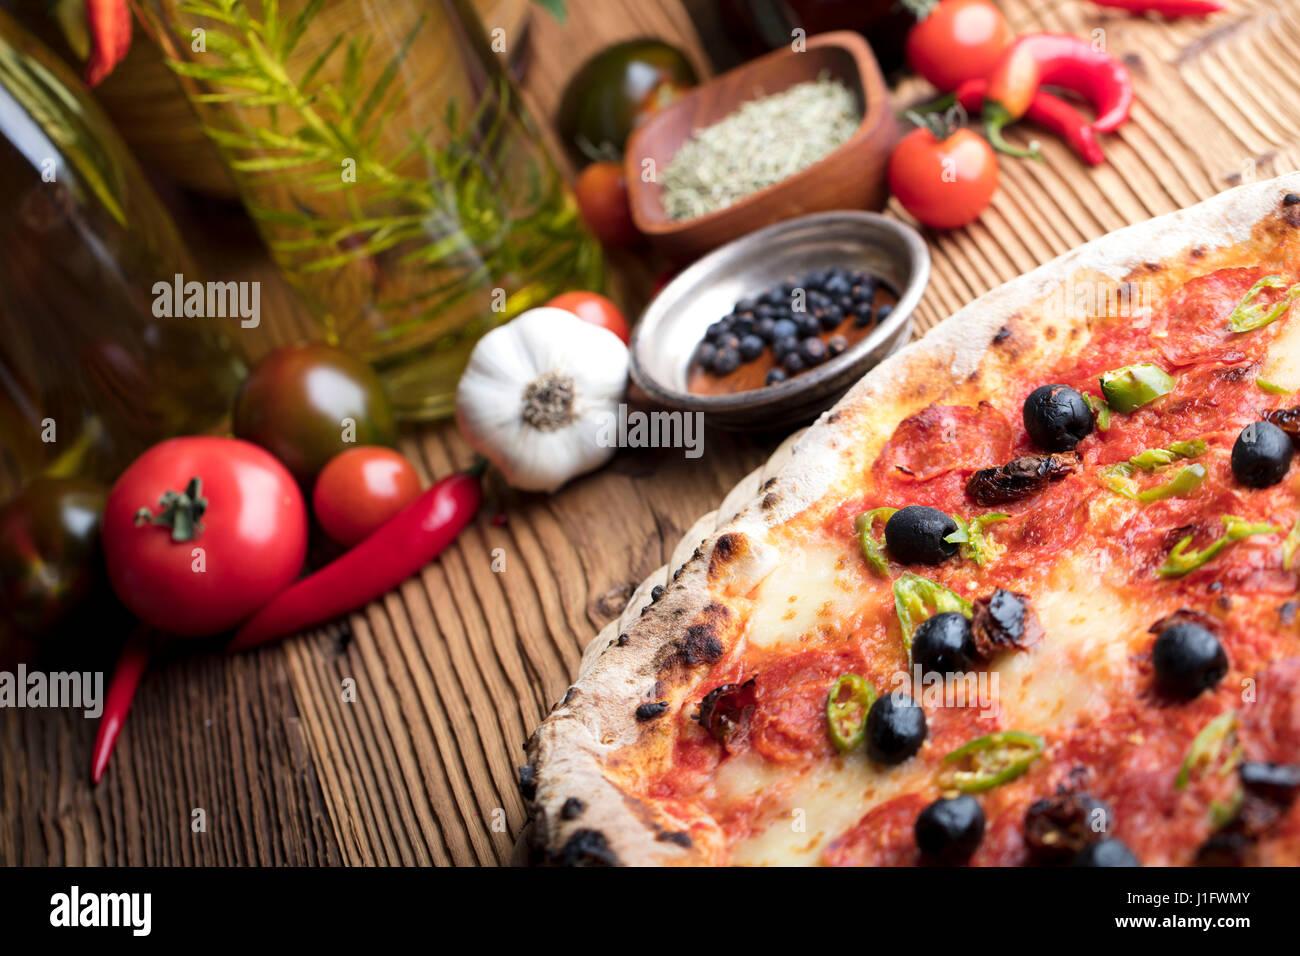 Concept alimentaire italienne, romarin huile d'olive, de l'alimentation saine Photo Stock